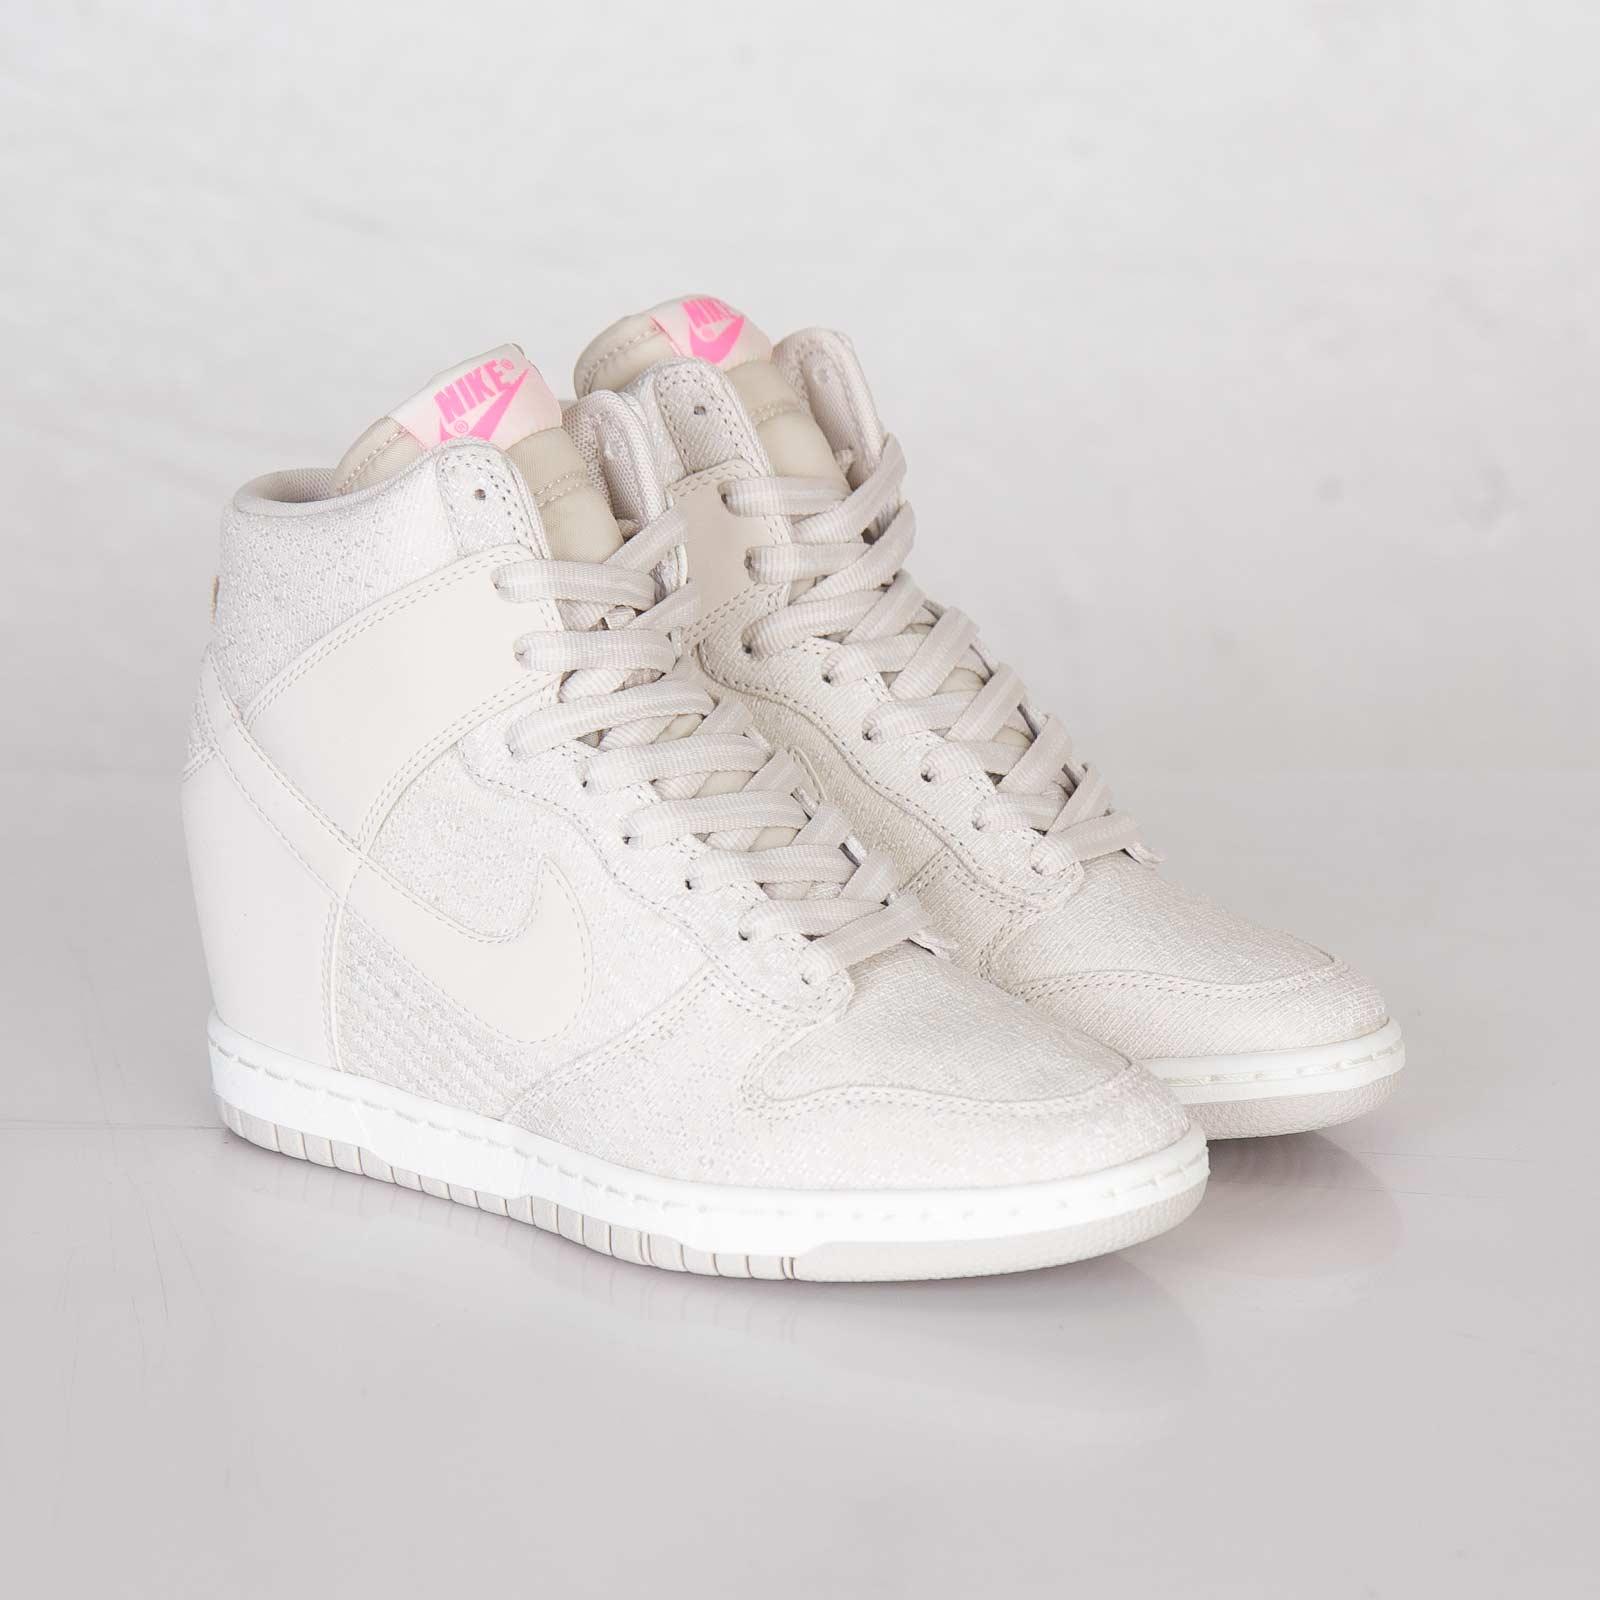 Nike Wmns Dunk Sky Hi Txt - 644410-100 - Sneakersnstuff  1d1234cab2